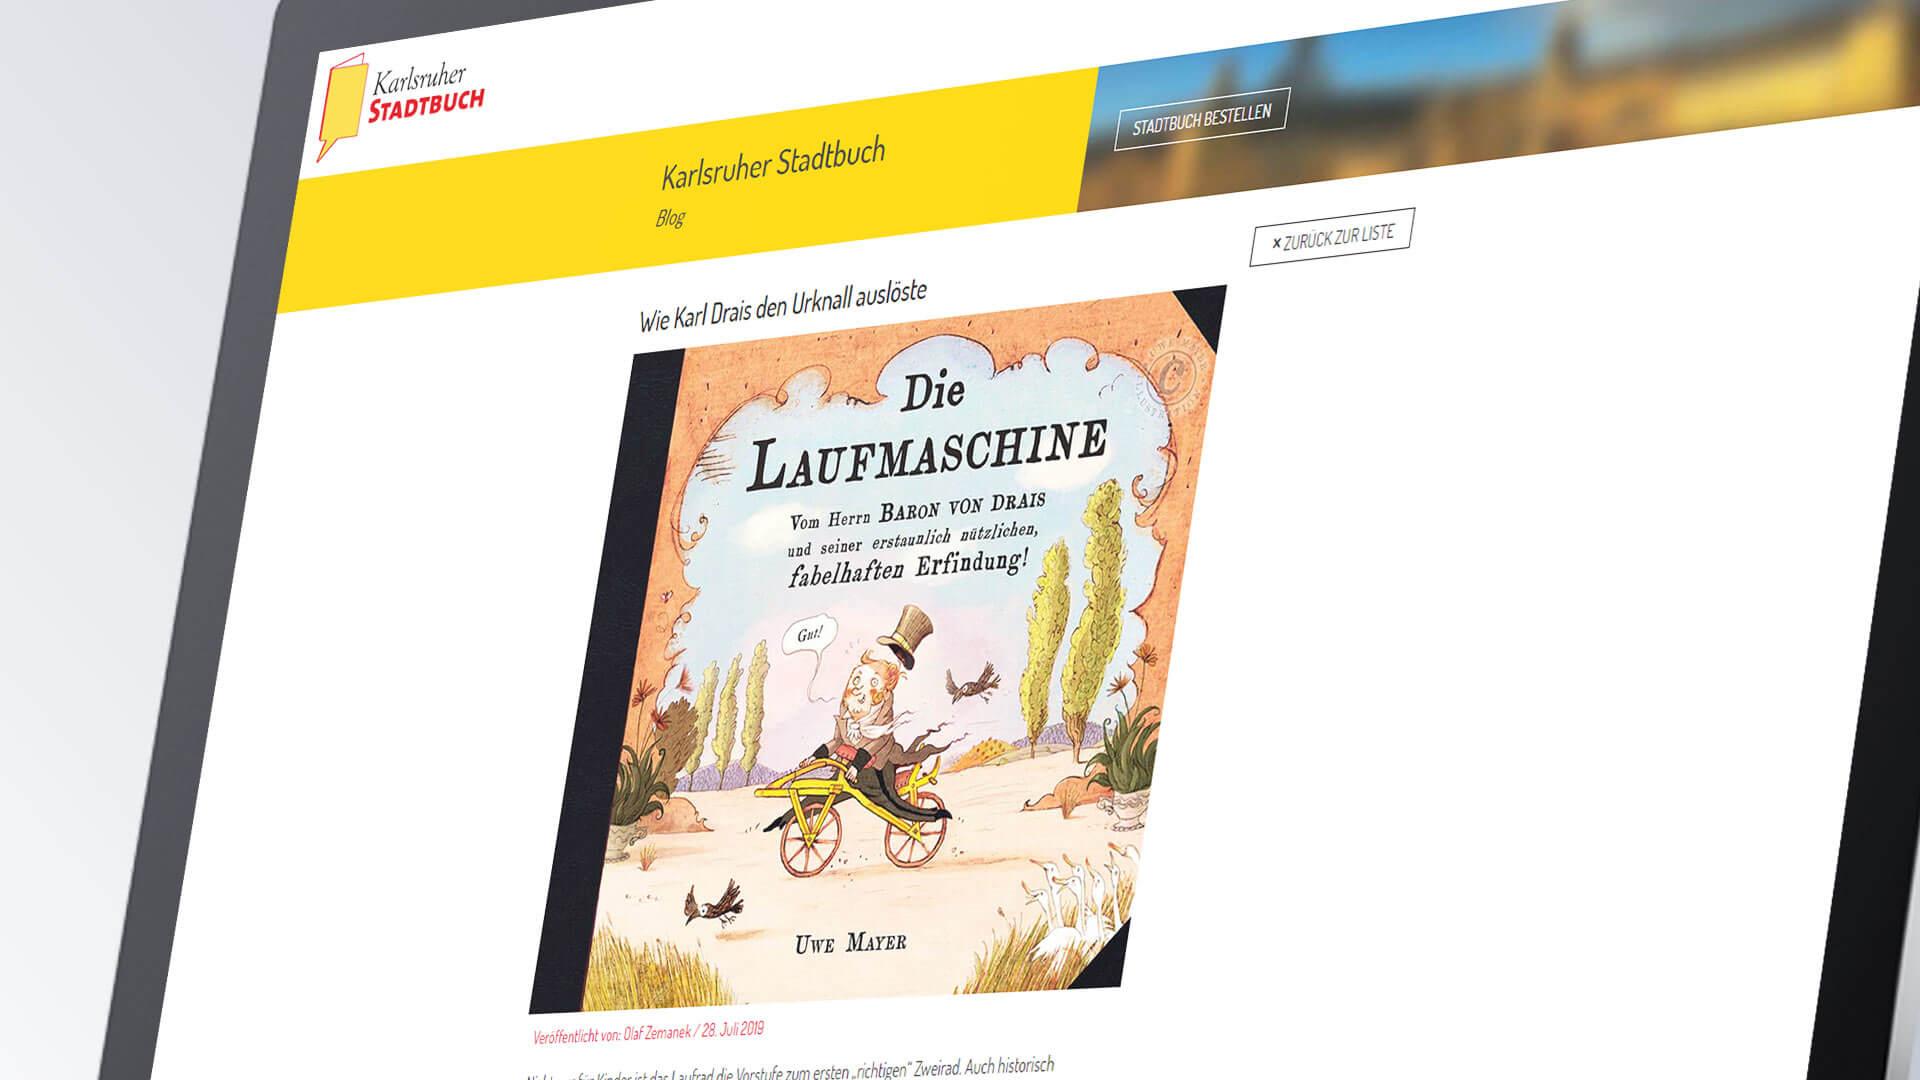 Karlsruher Stadtbuch Internetseite